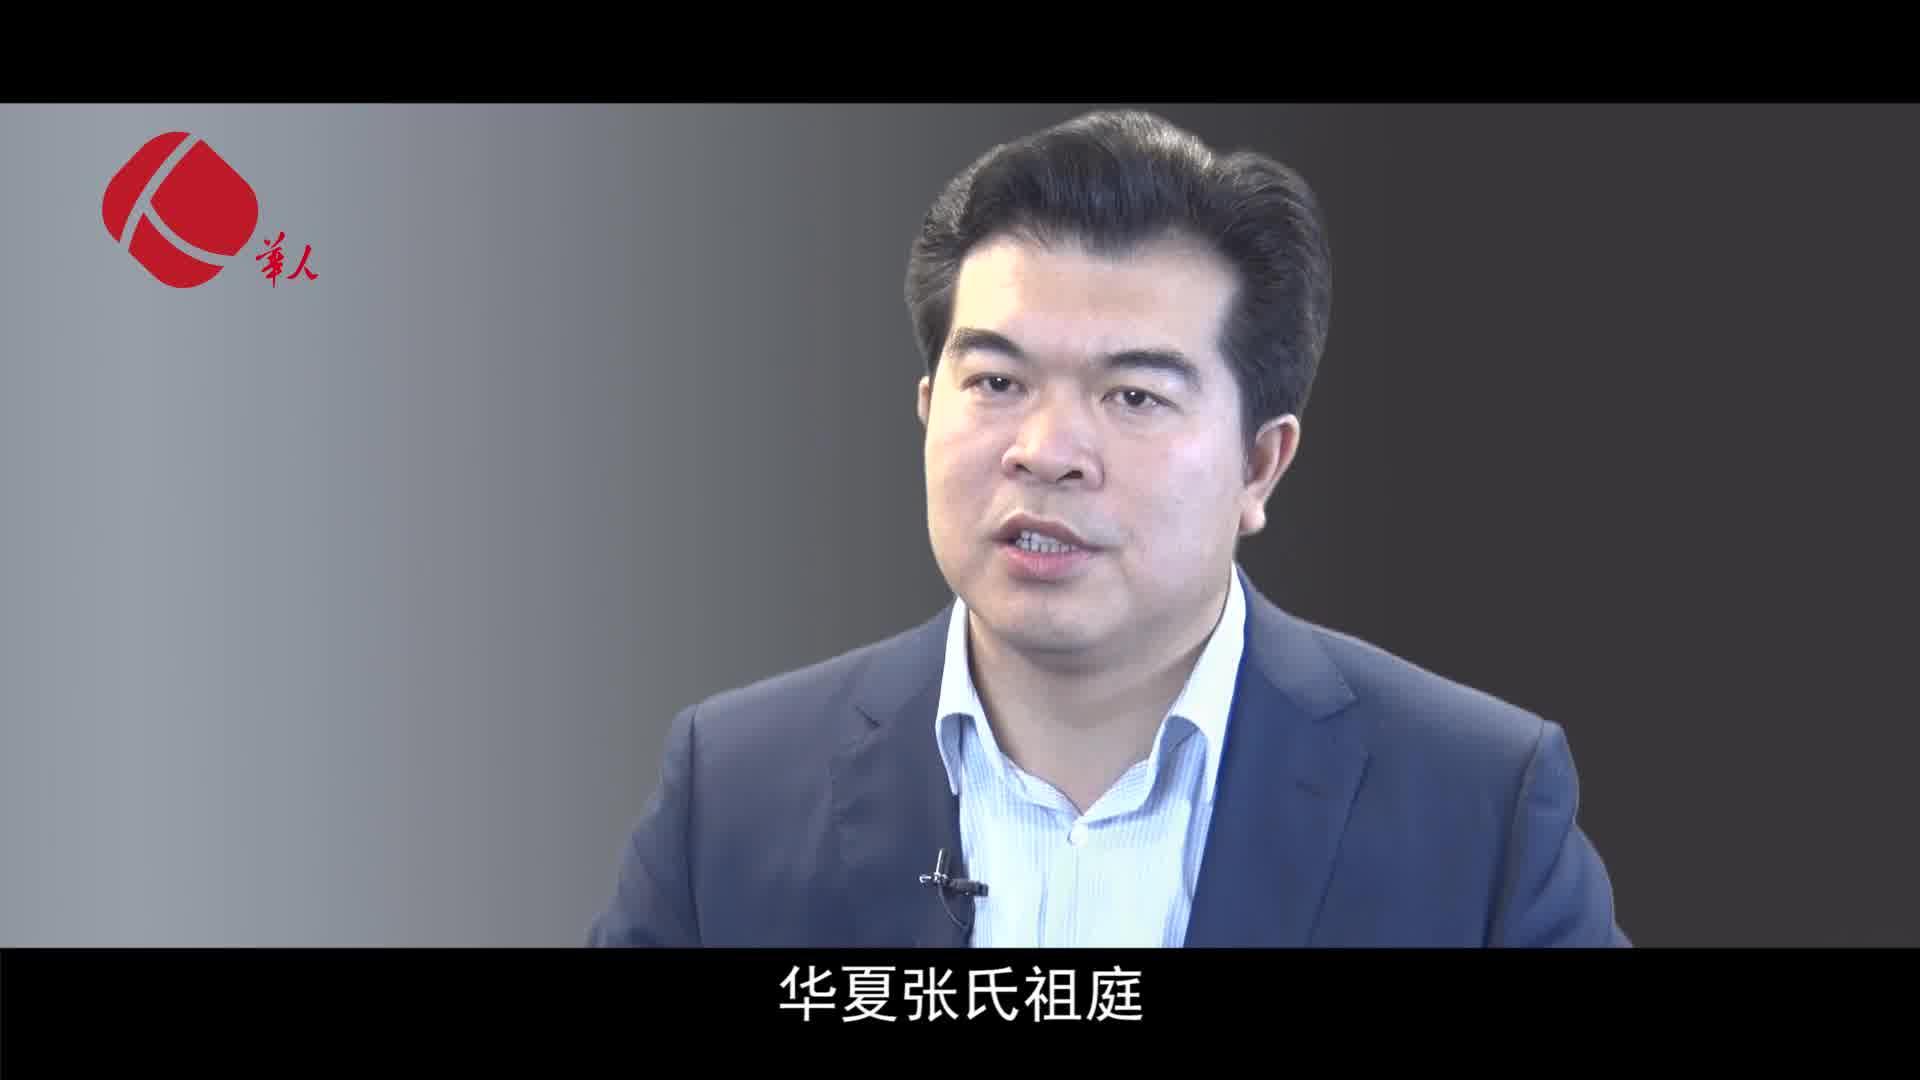 《为家乡推介》清河县人民政府县长王俊红